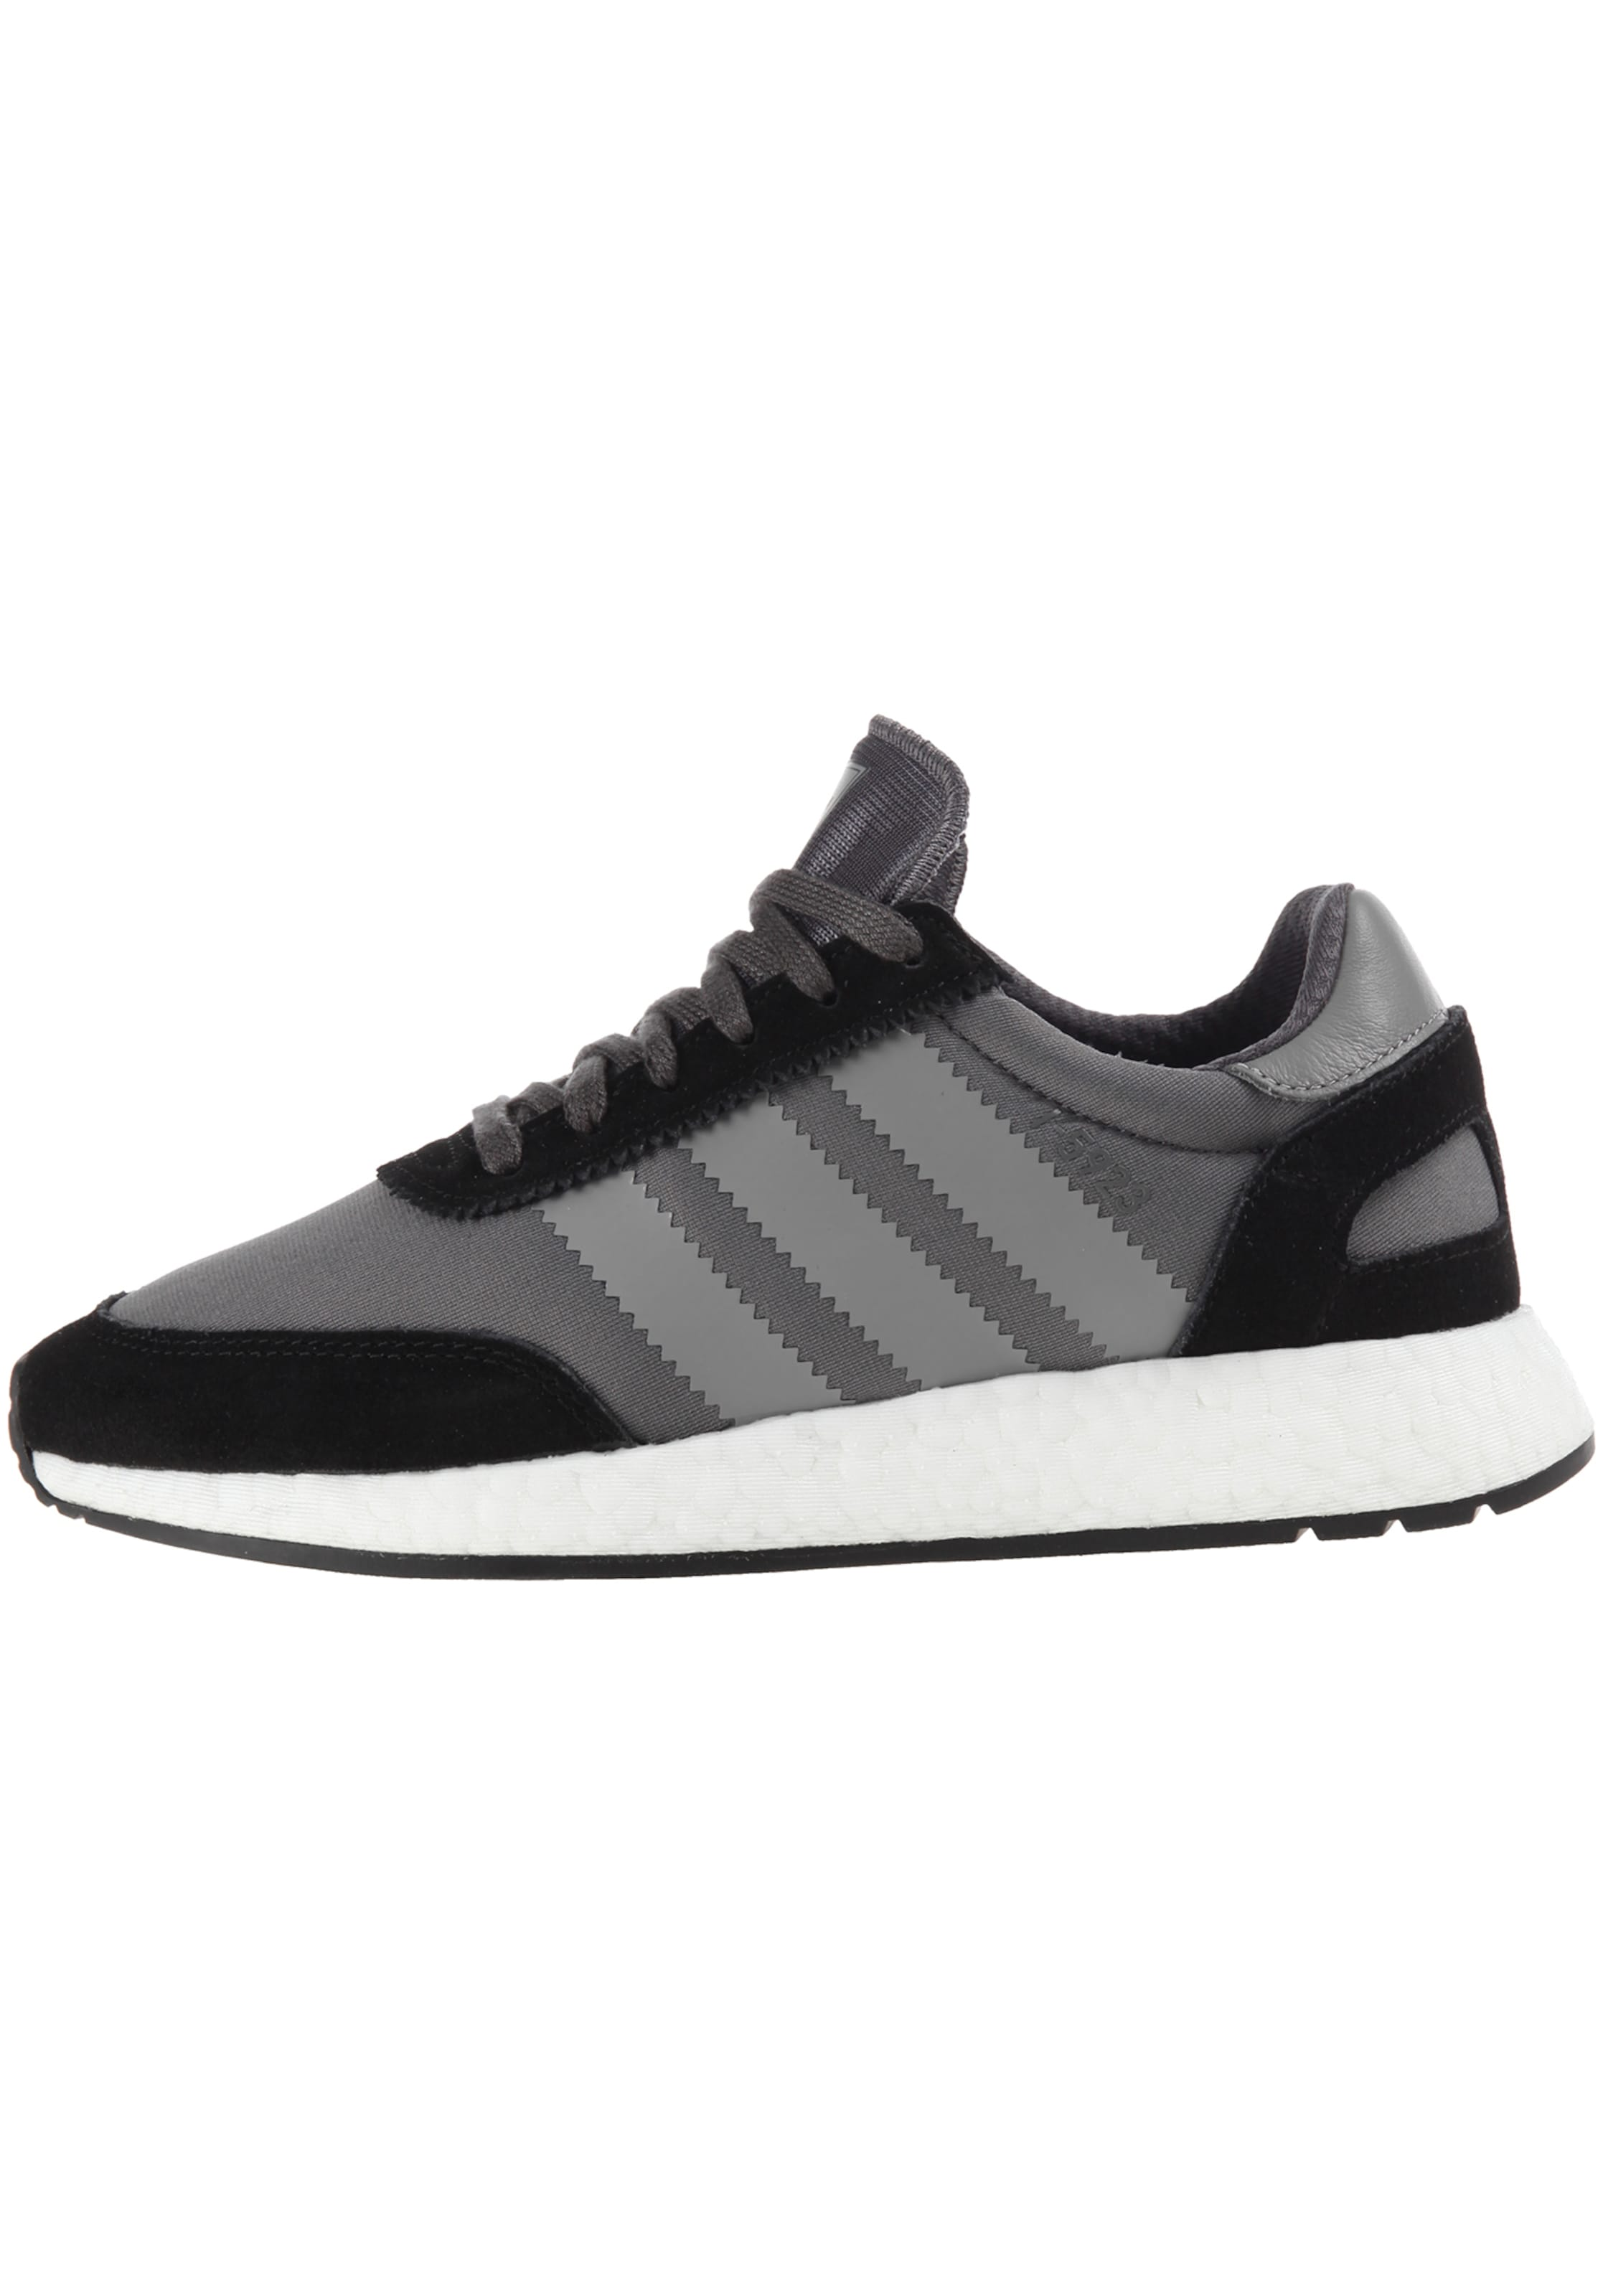 Originals Sneaker In 5923' Adidas GrauSchwarz 'i kOXnPw80